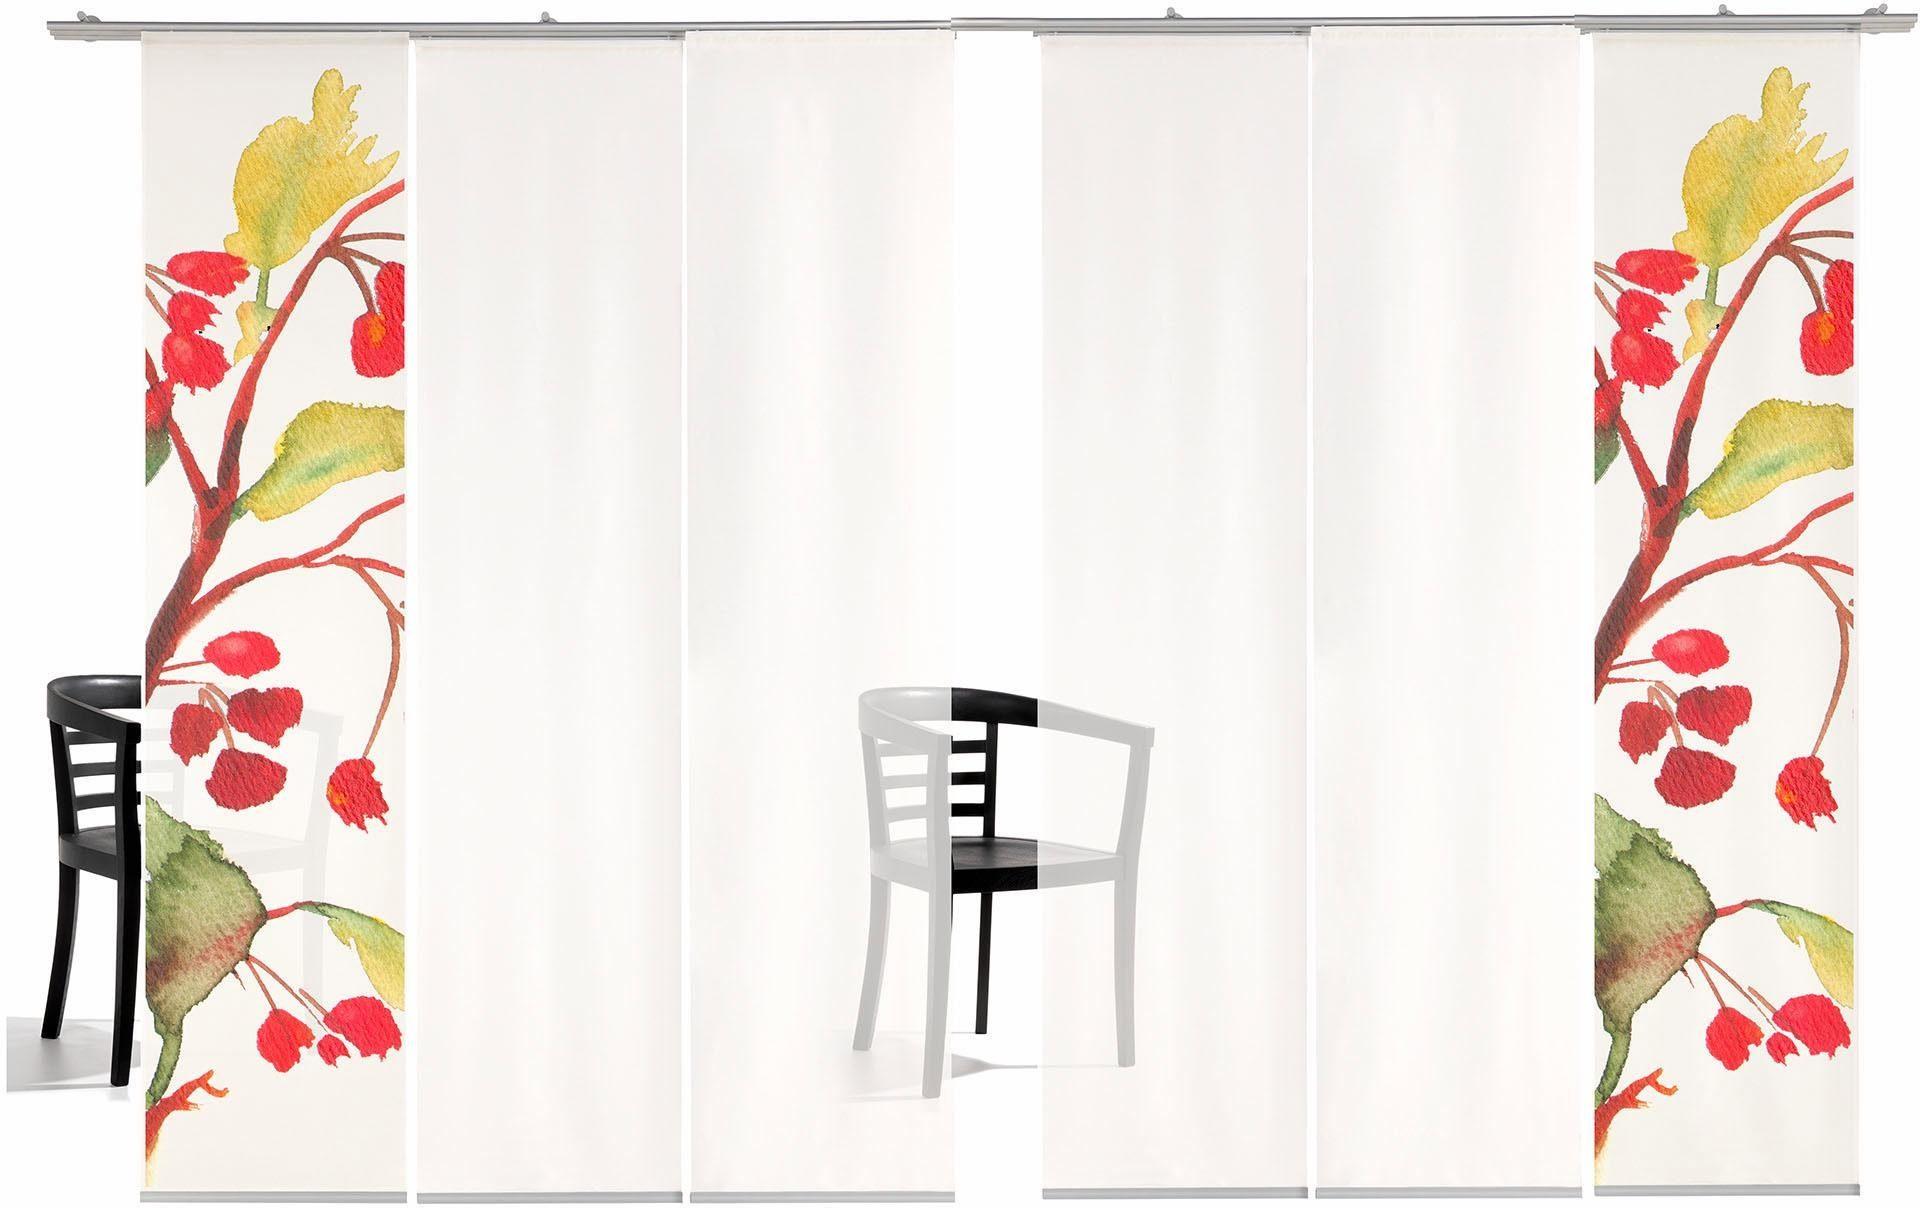 Schiebegardine »Kirschblüten TR«, emotion textiles, Klettband (6 Stück), inkl. Befestigungszubehör